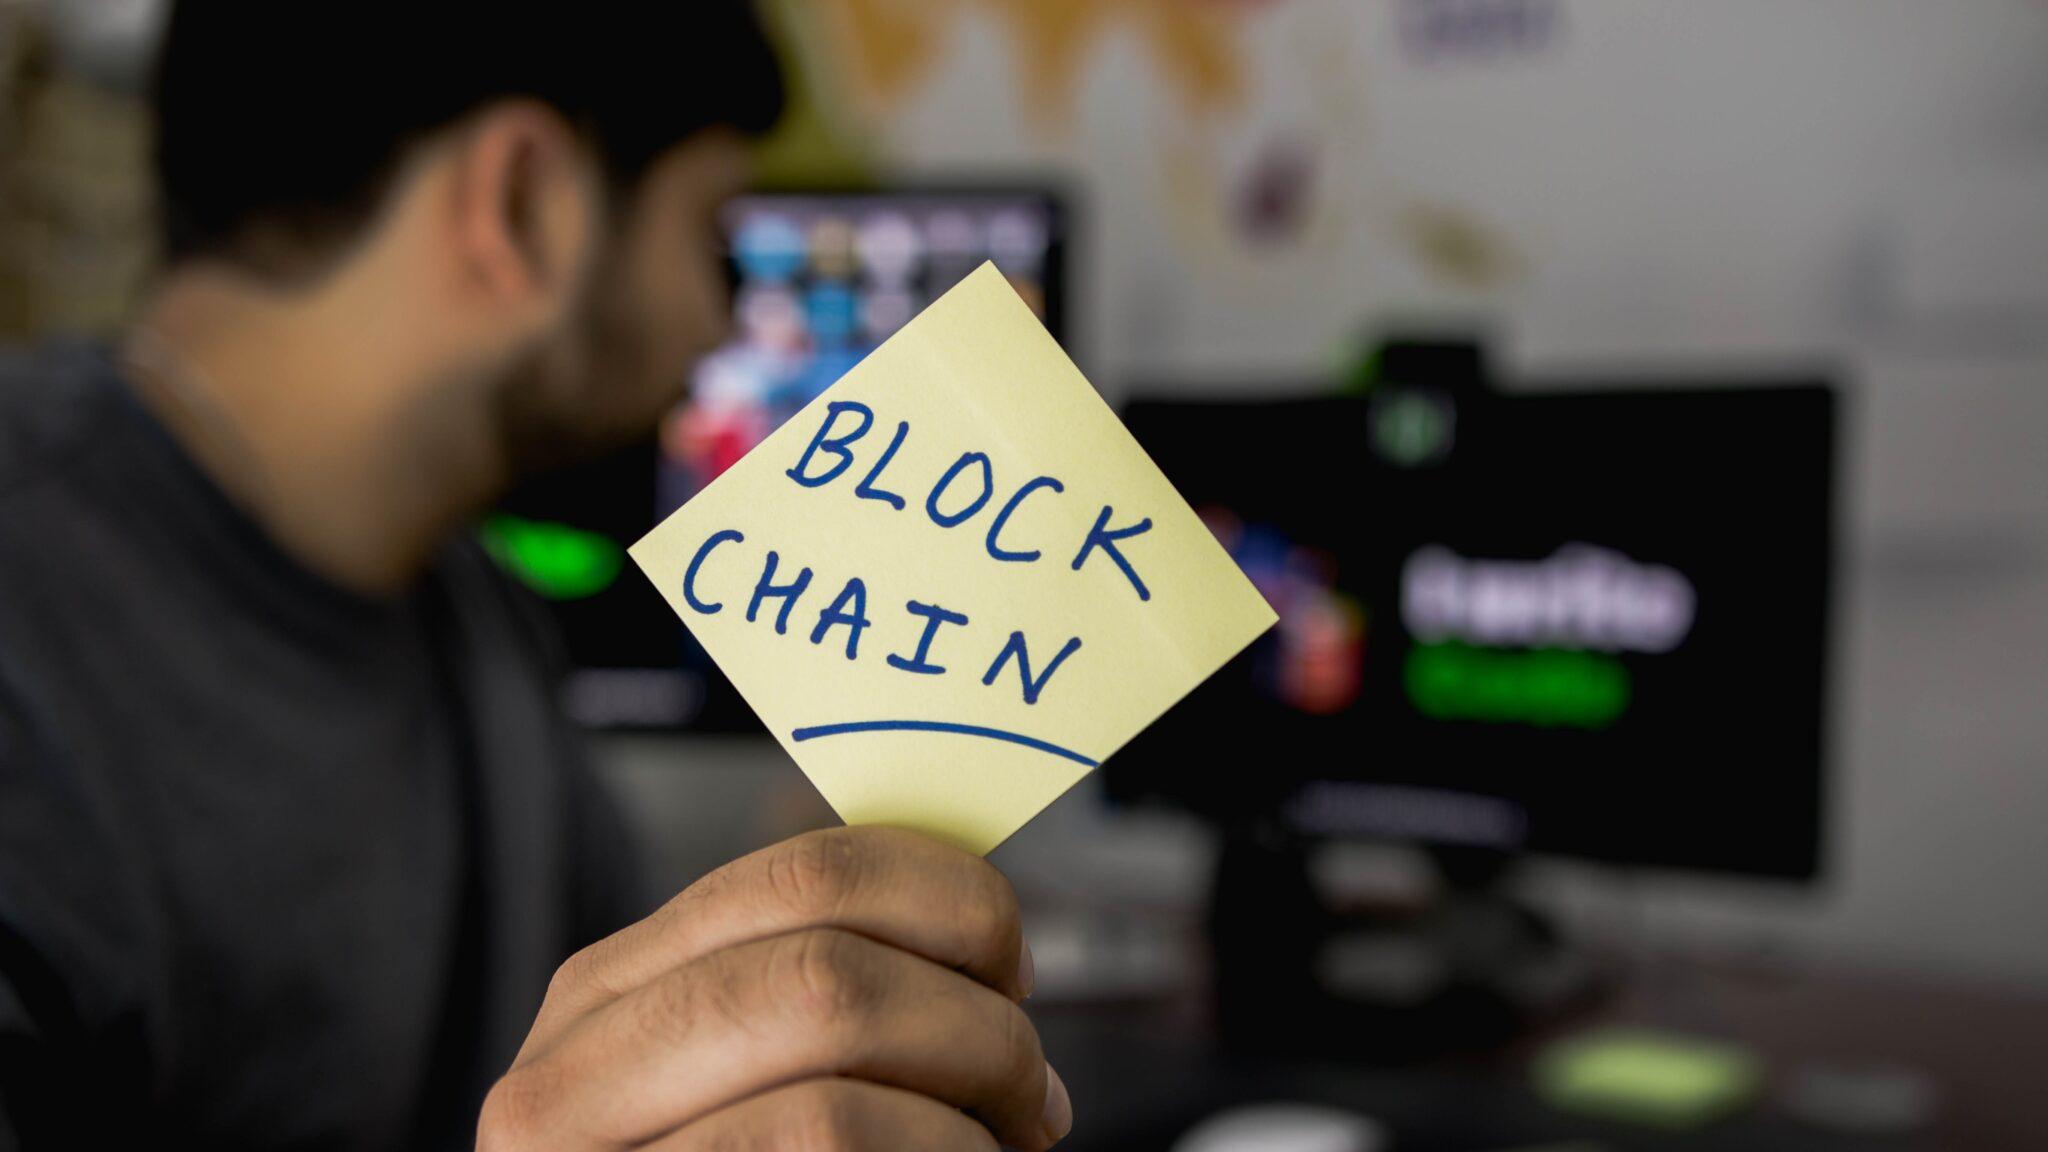 Sprawdzamy zastosowania kryptowalut i działające projekty, które mają szansę zmienić świat.